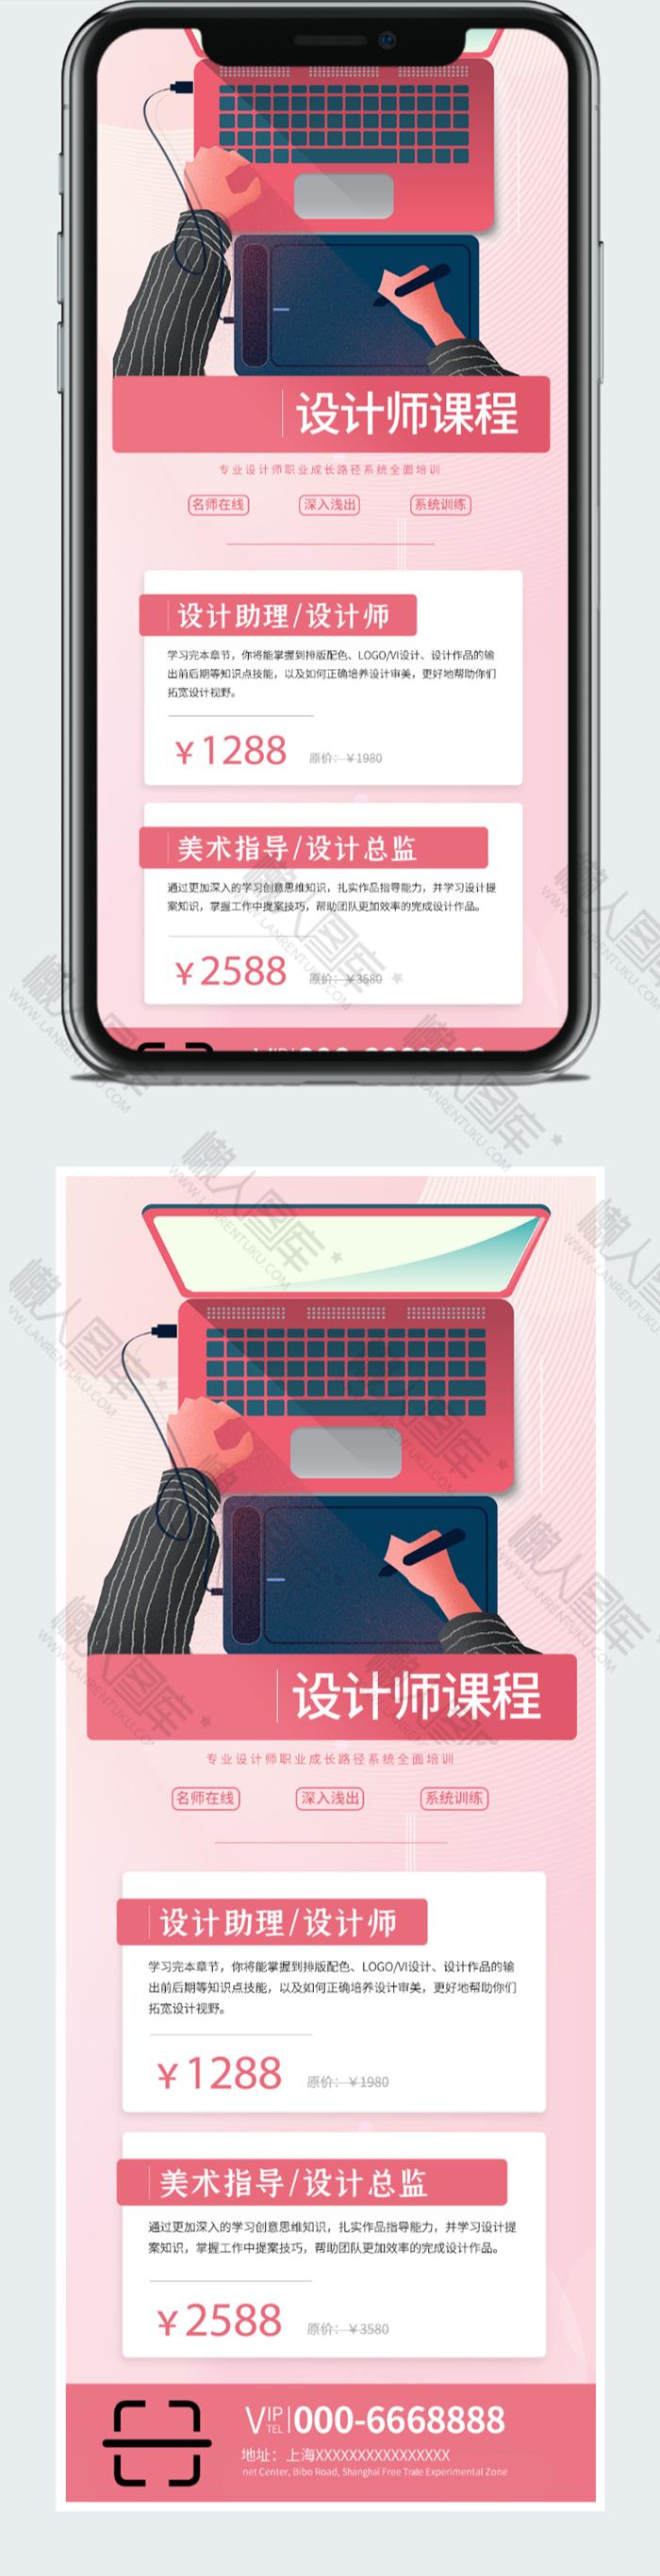 设计师课程培训海报图2